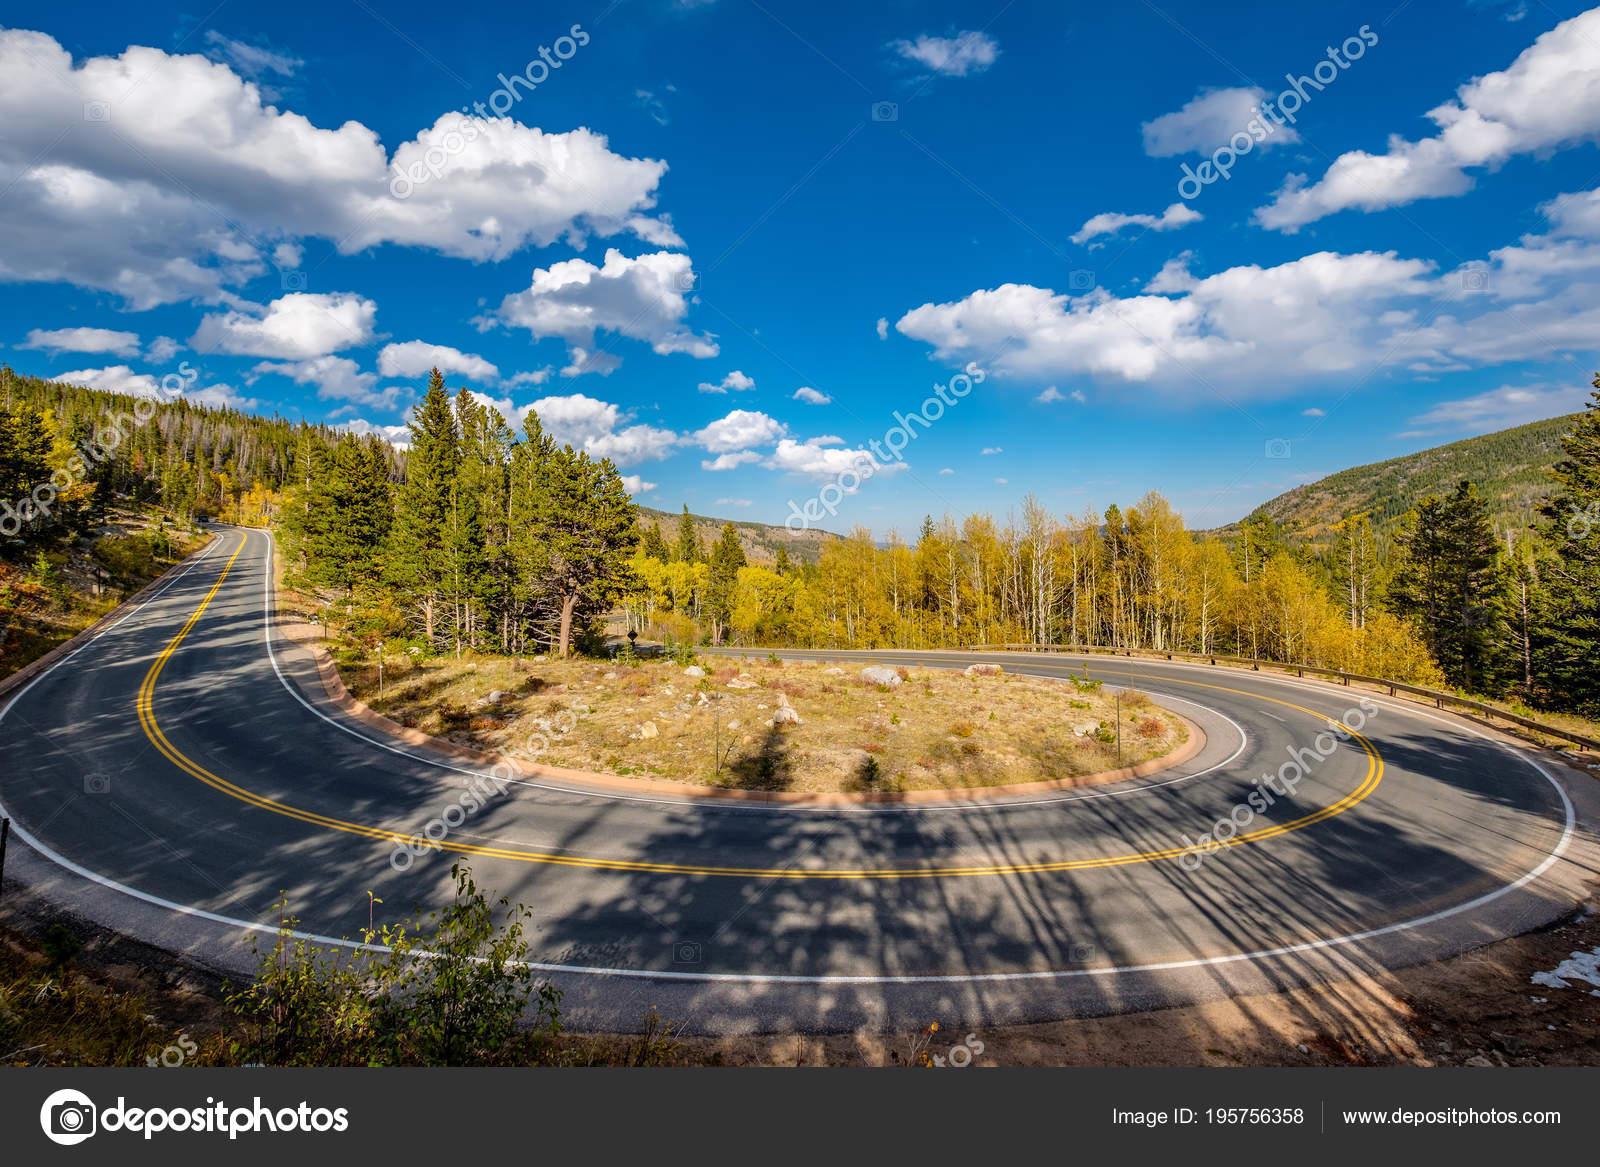 ffe69778d71 Dálnice s vlásenka odbočit na podzimní slunečný den v Rocky Mountain  National Park (tobogán). Colorado